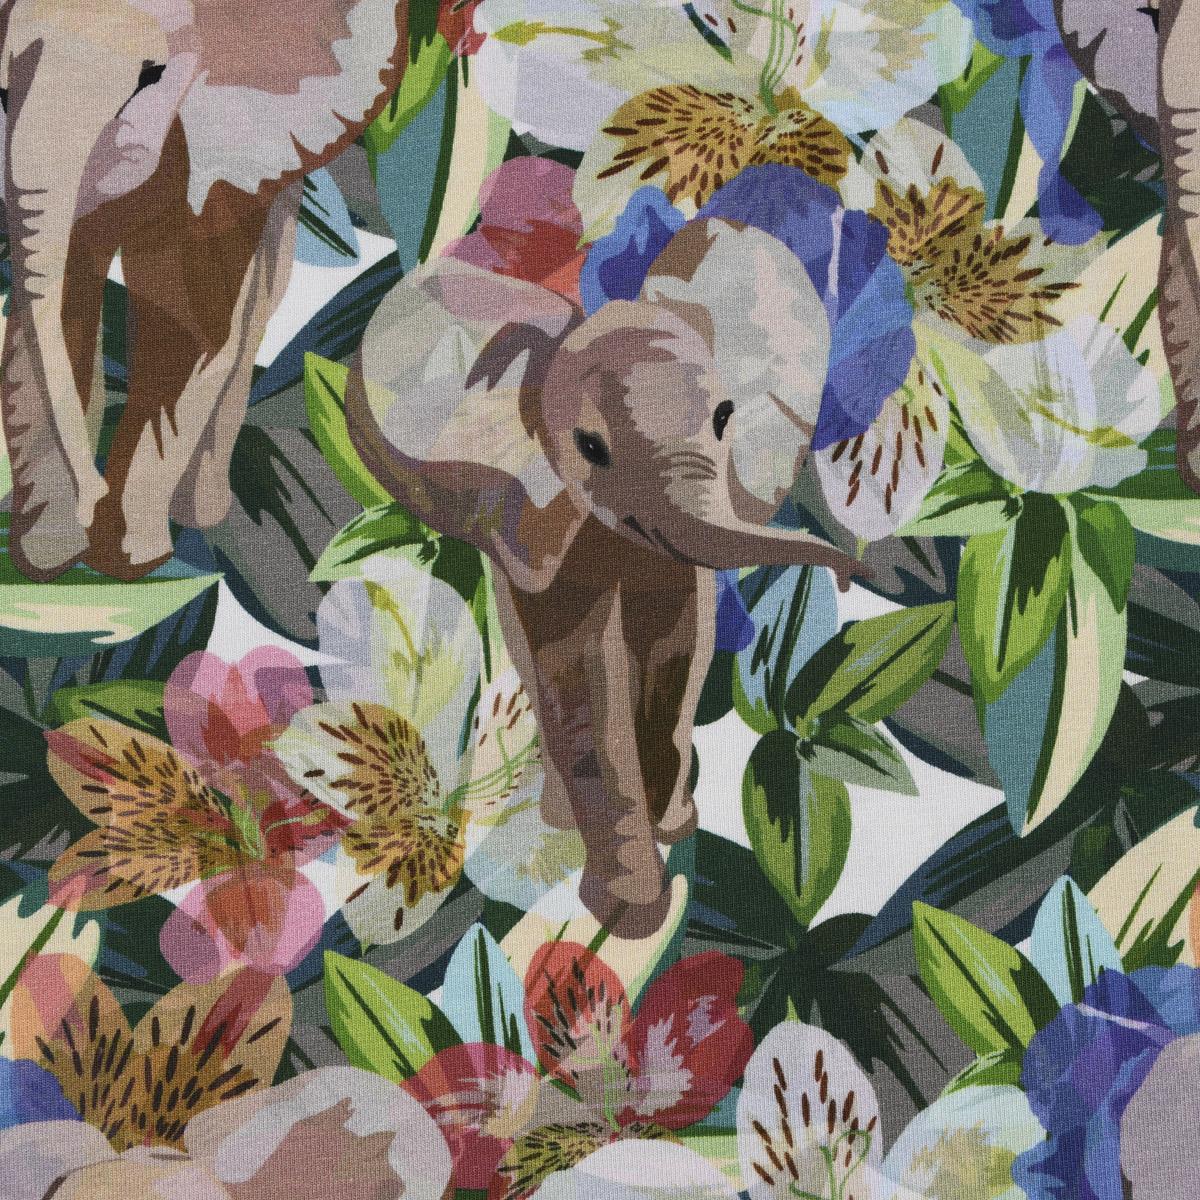 Baumwolljersey Jersey Digitaldruck Dschungel Elefant Blumen weiß bunt 1,5m Breite